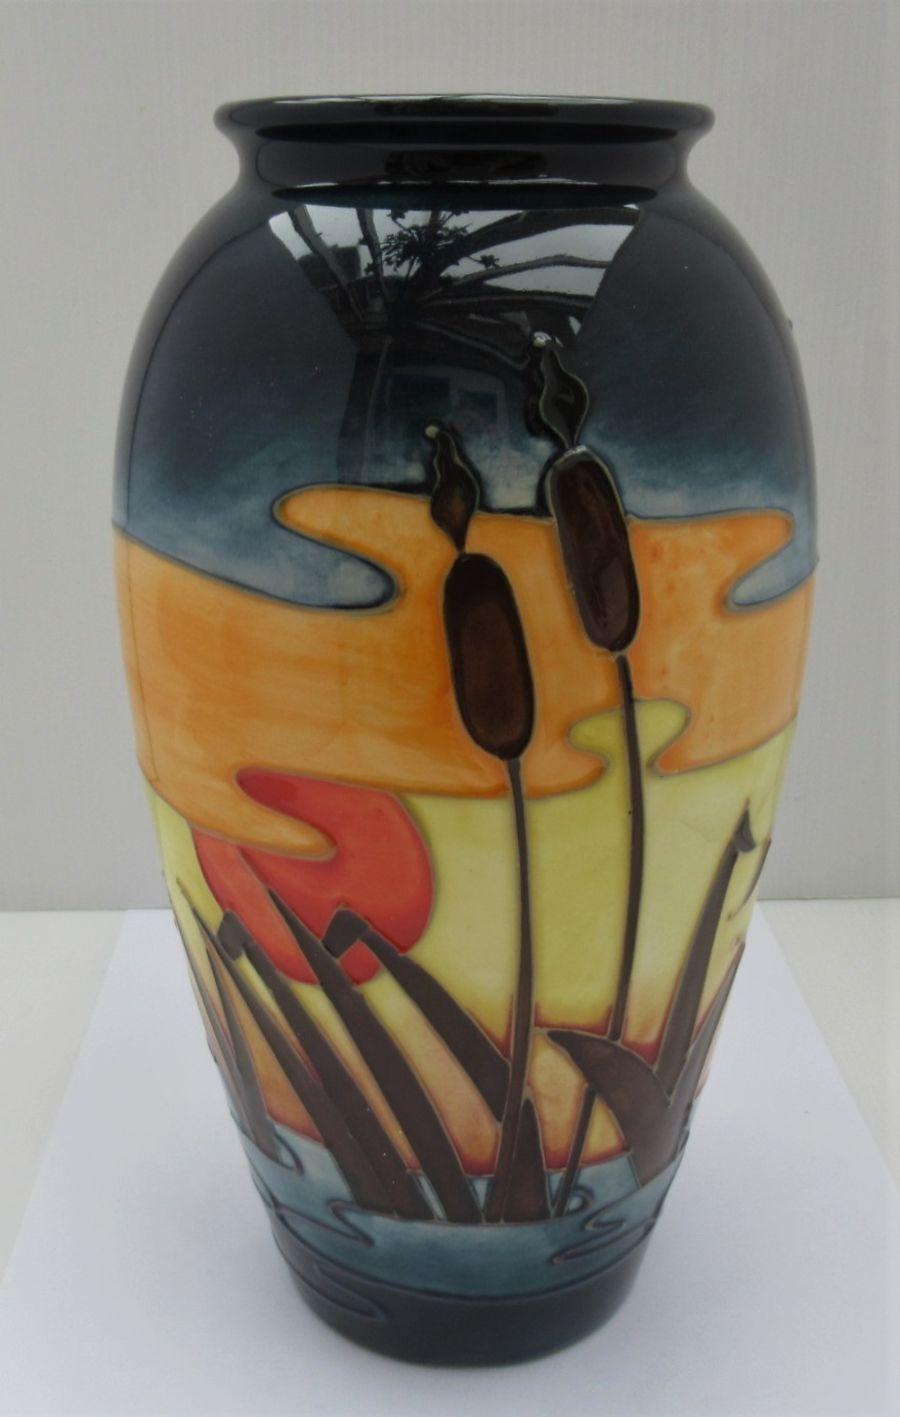 Moorcroft Reeds at Sunset baluster vase Designed by Philip Richardson, 1990